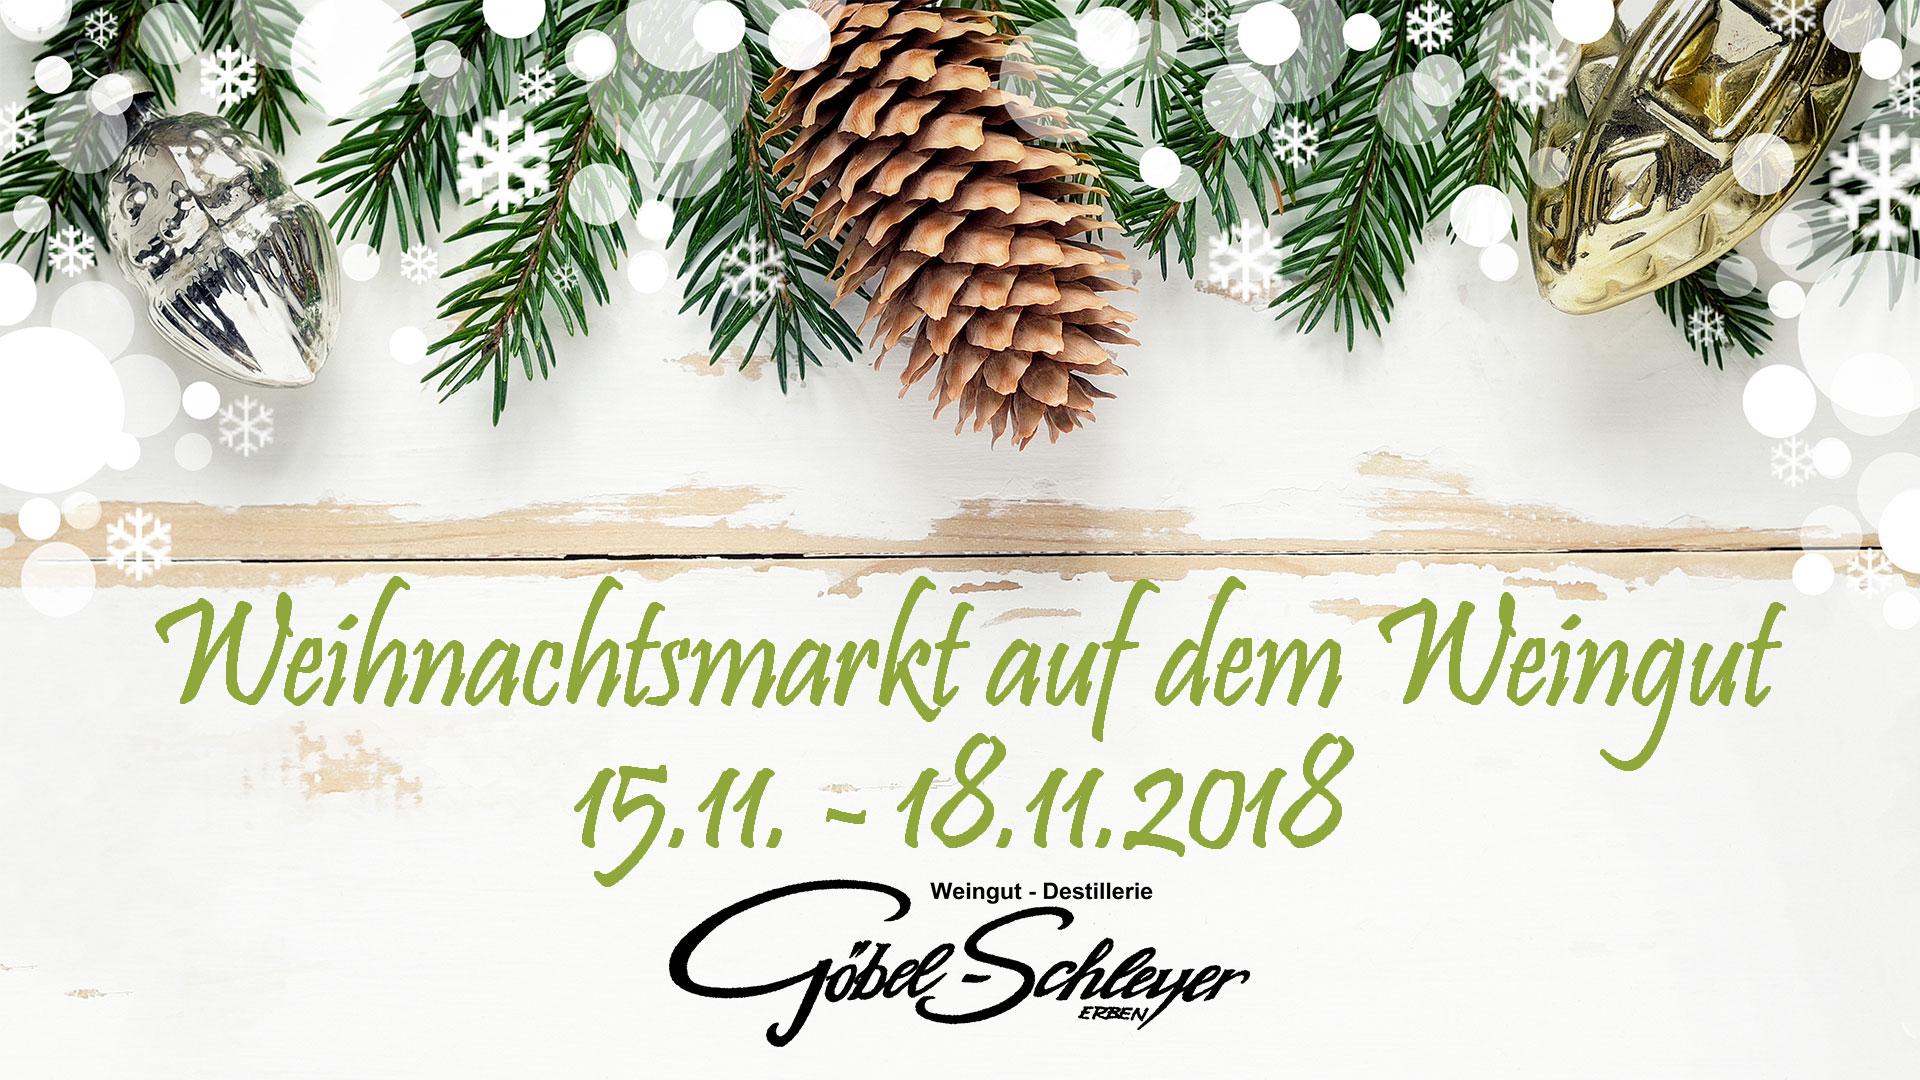 Weihnachtsmarkt auf dem Weingut Göbel-Schleyer-erben